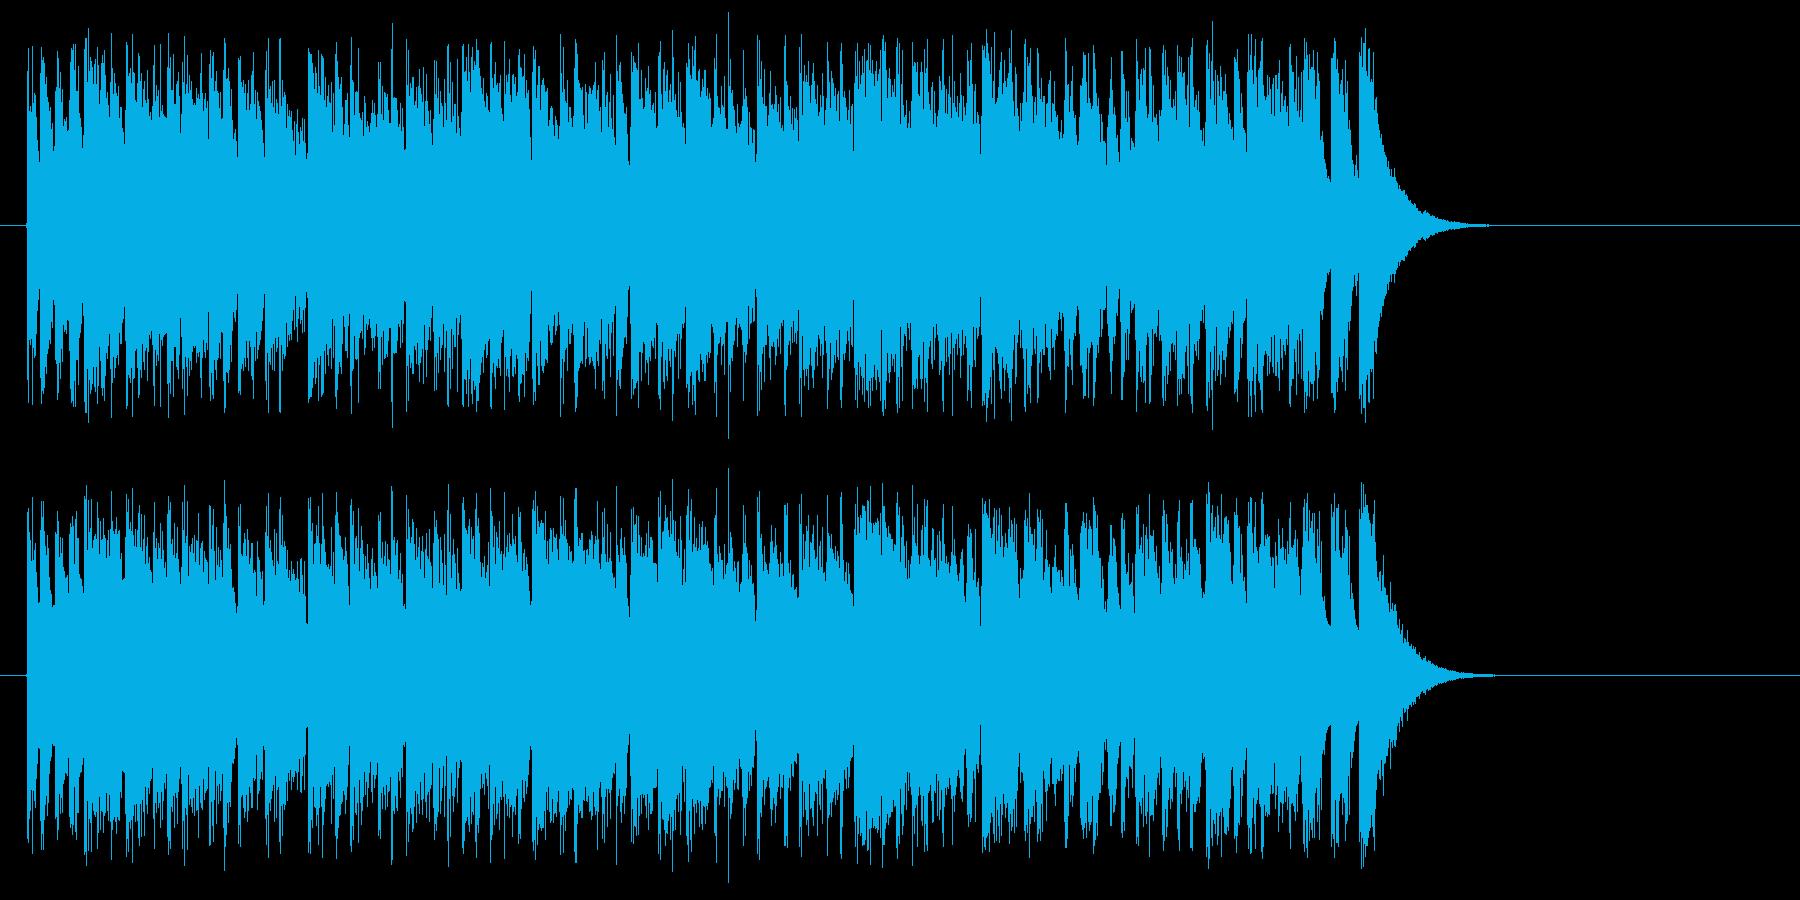 ファイト1発!元気サウンドの再生済みの波形